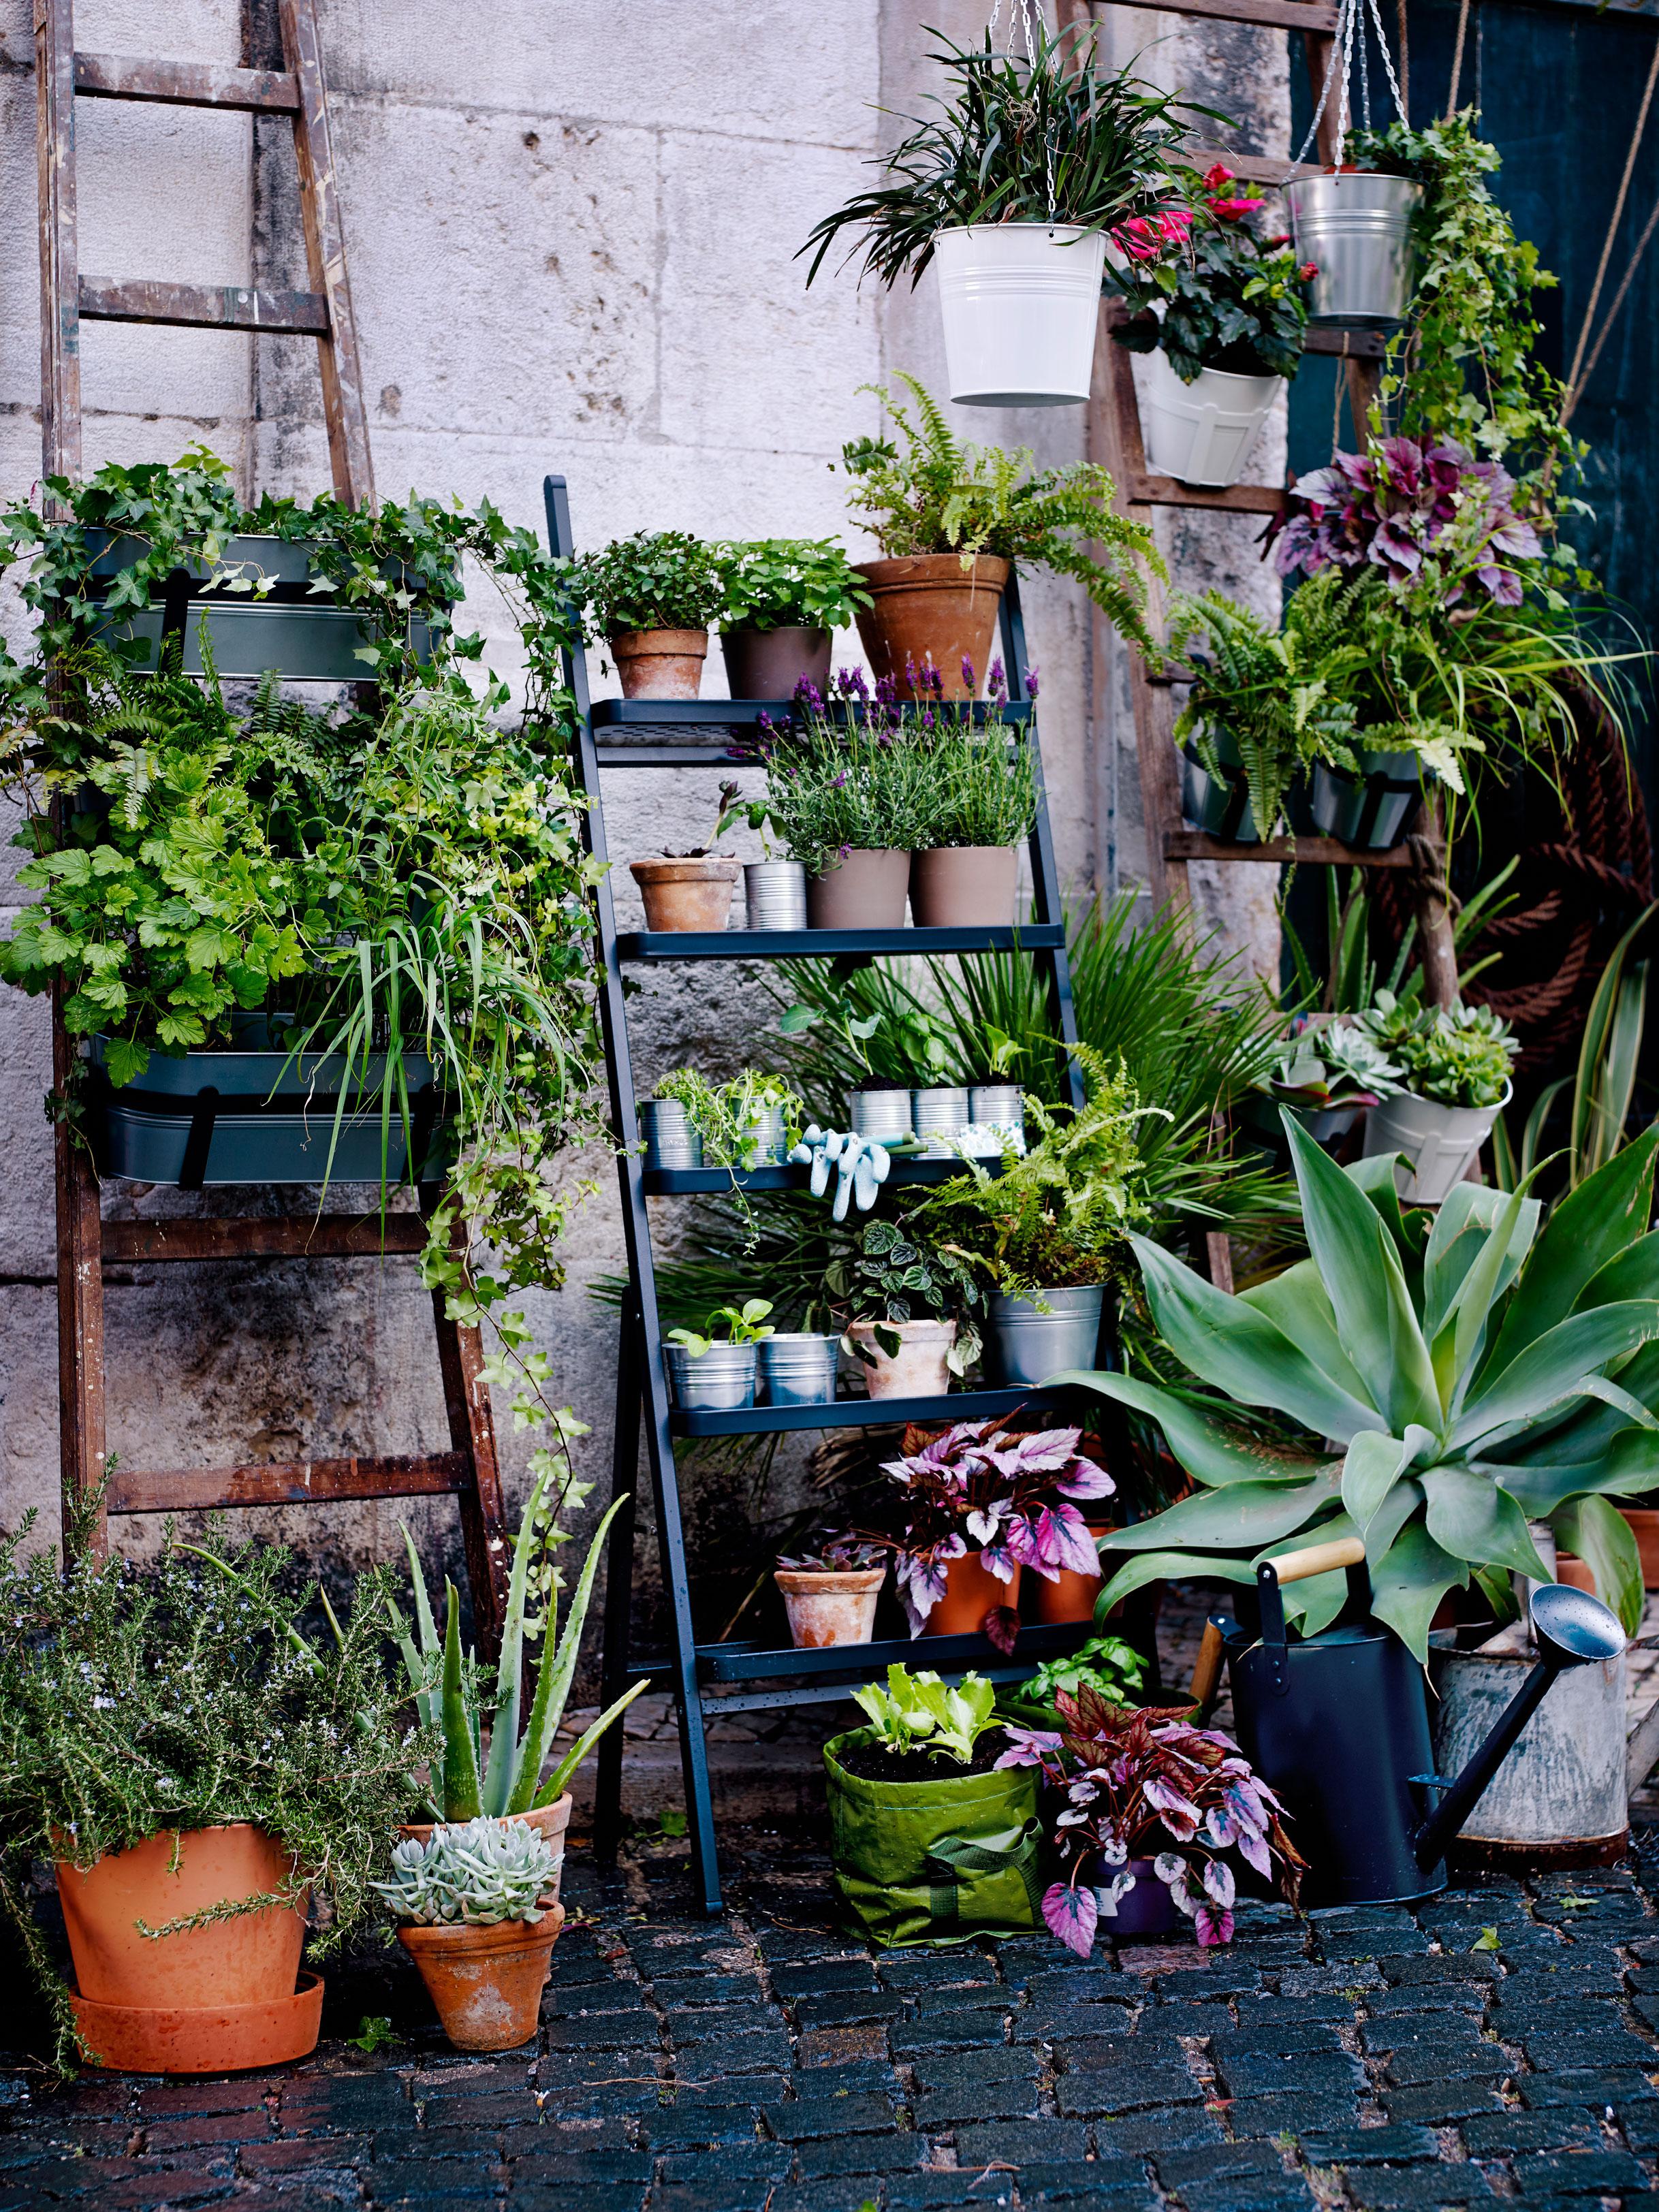 Ikea verano 2016 blog tienda decoraci n estilo n rdico for Arbustos para macetas exterior